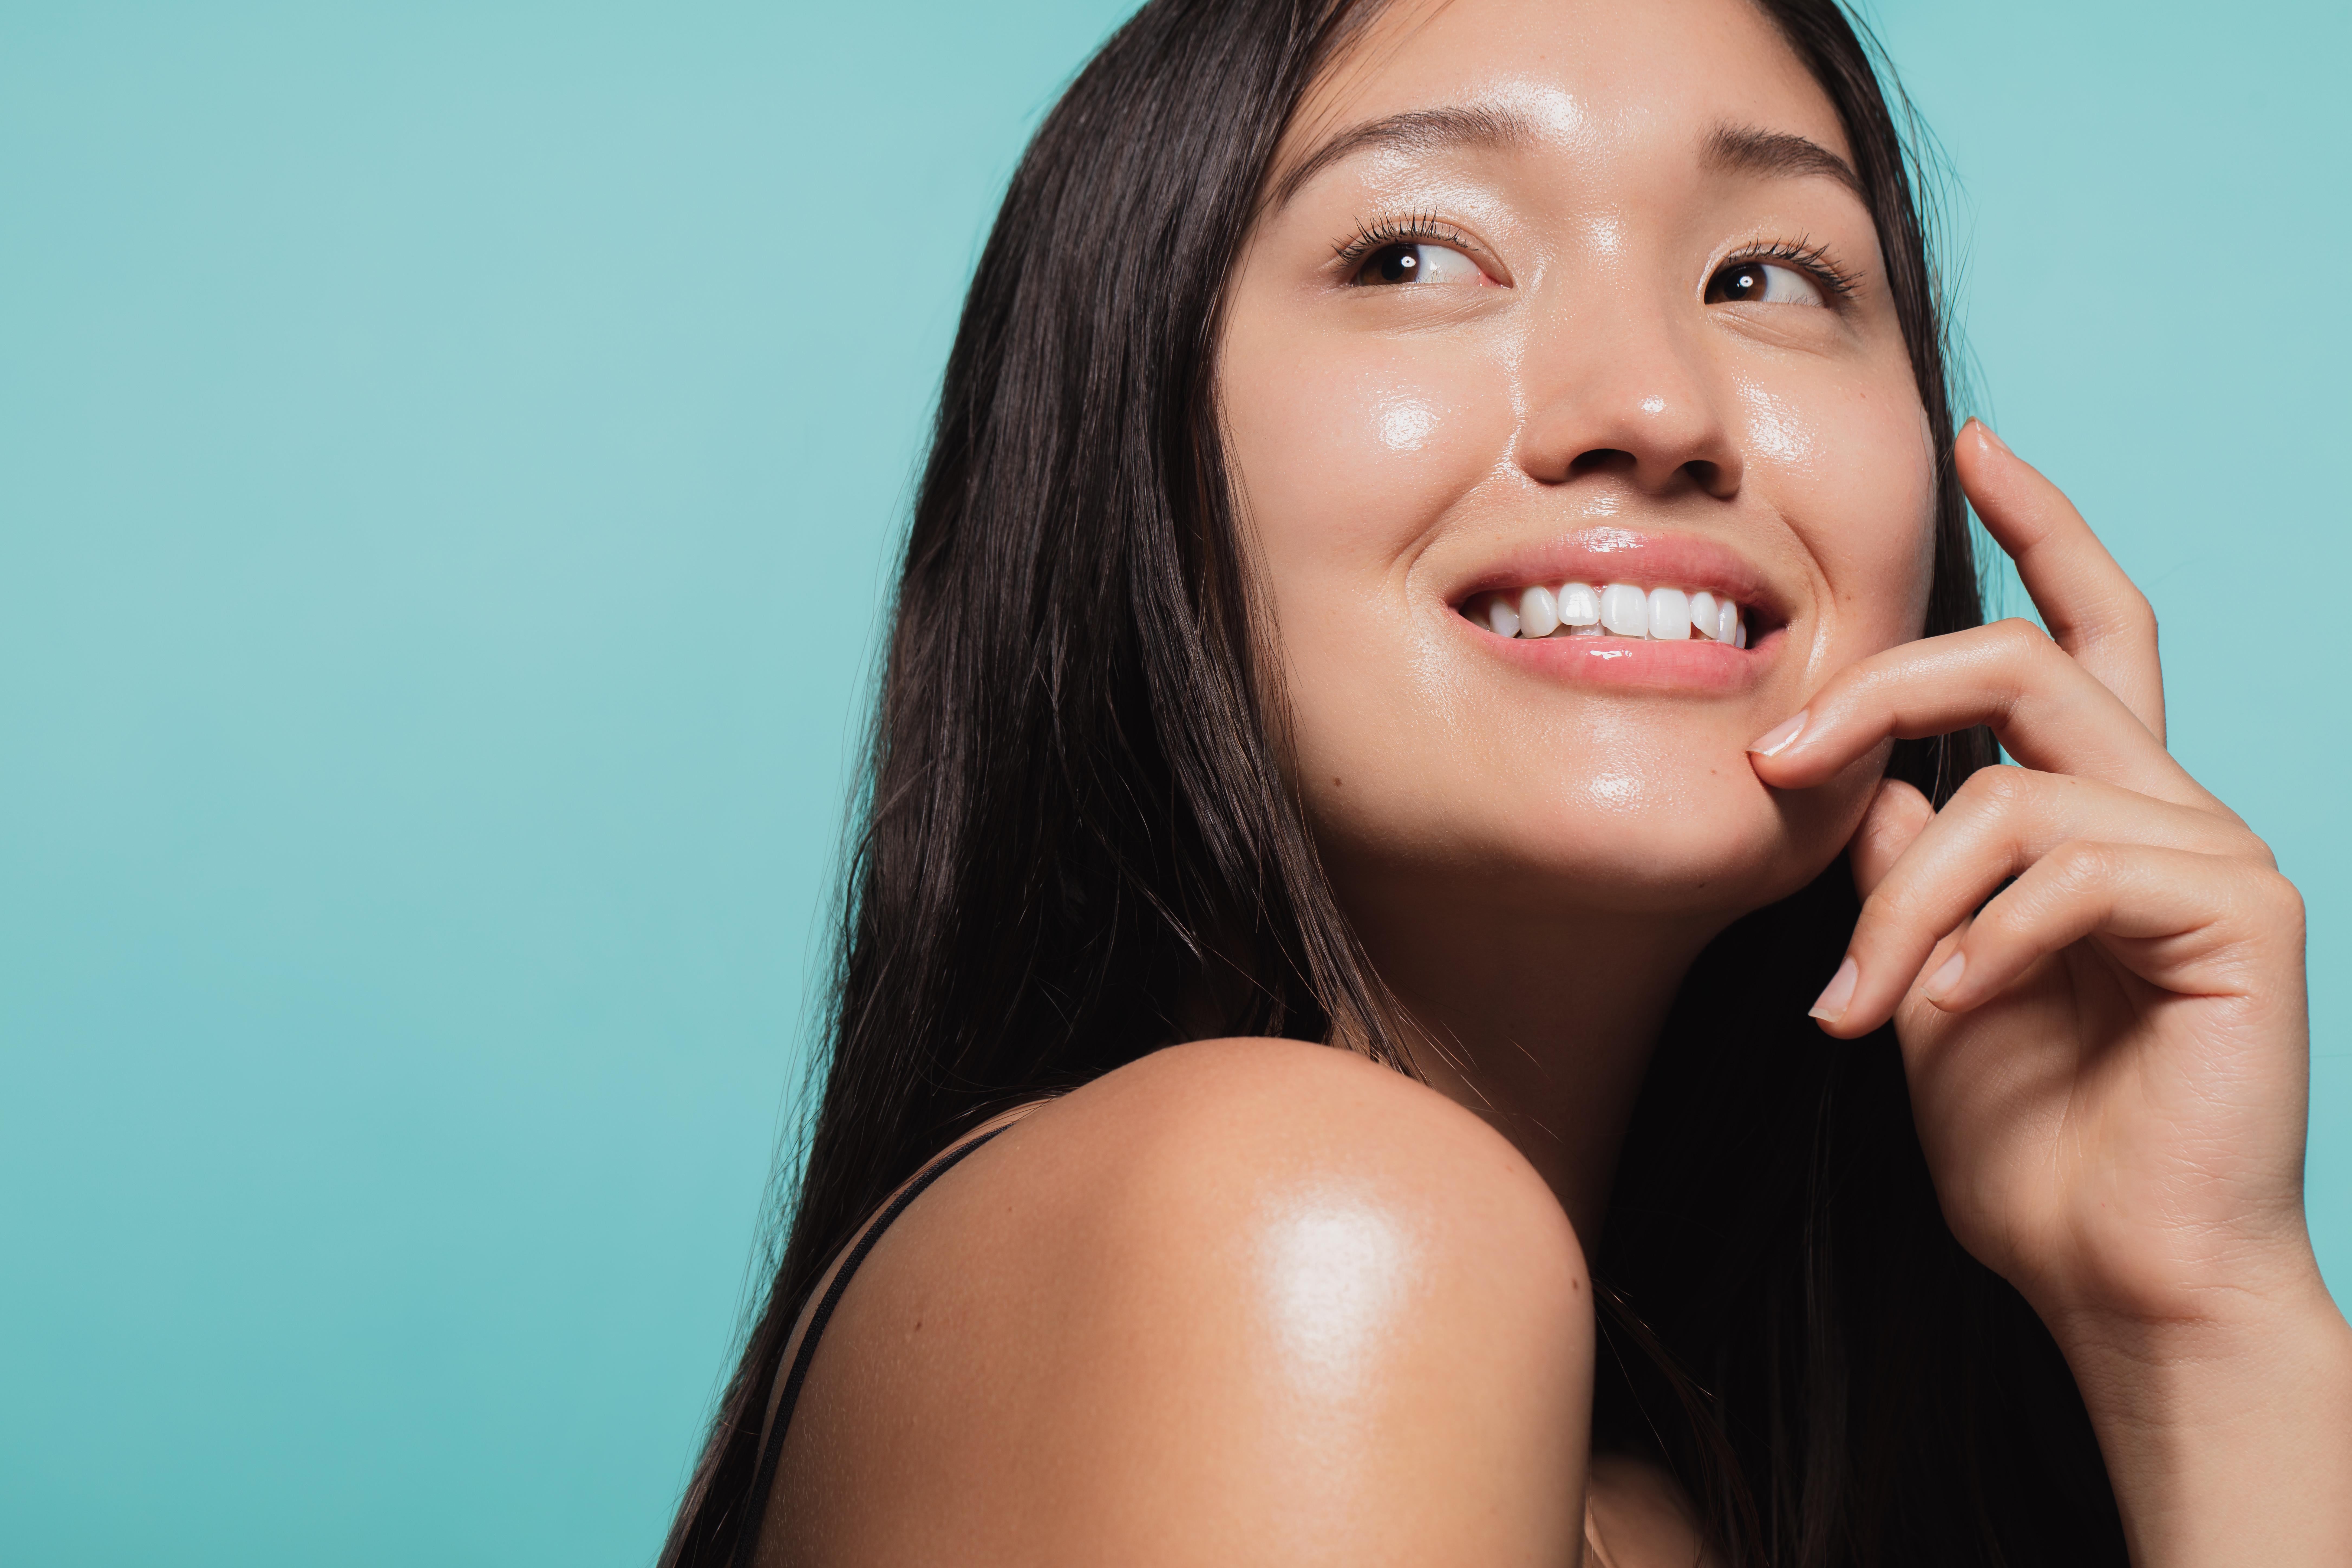 Poros abiertos: descubre cómo tratarlos y cuidar la piel de tu rostro